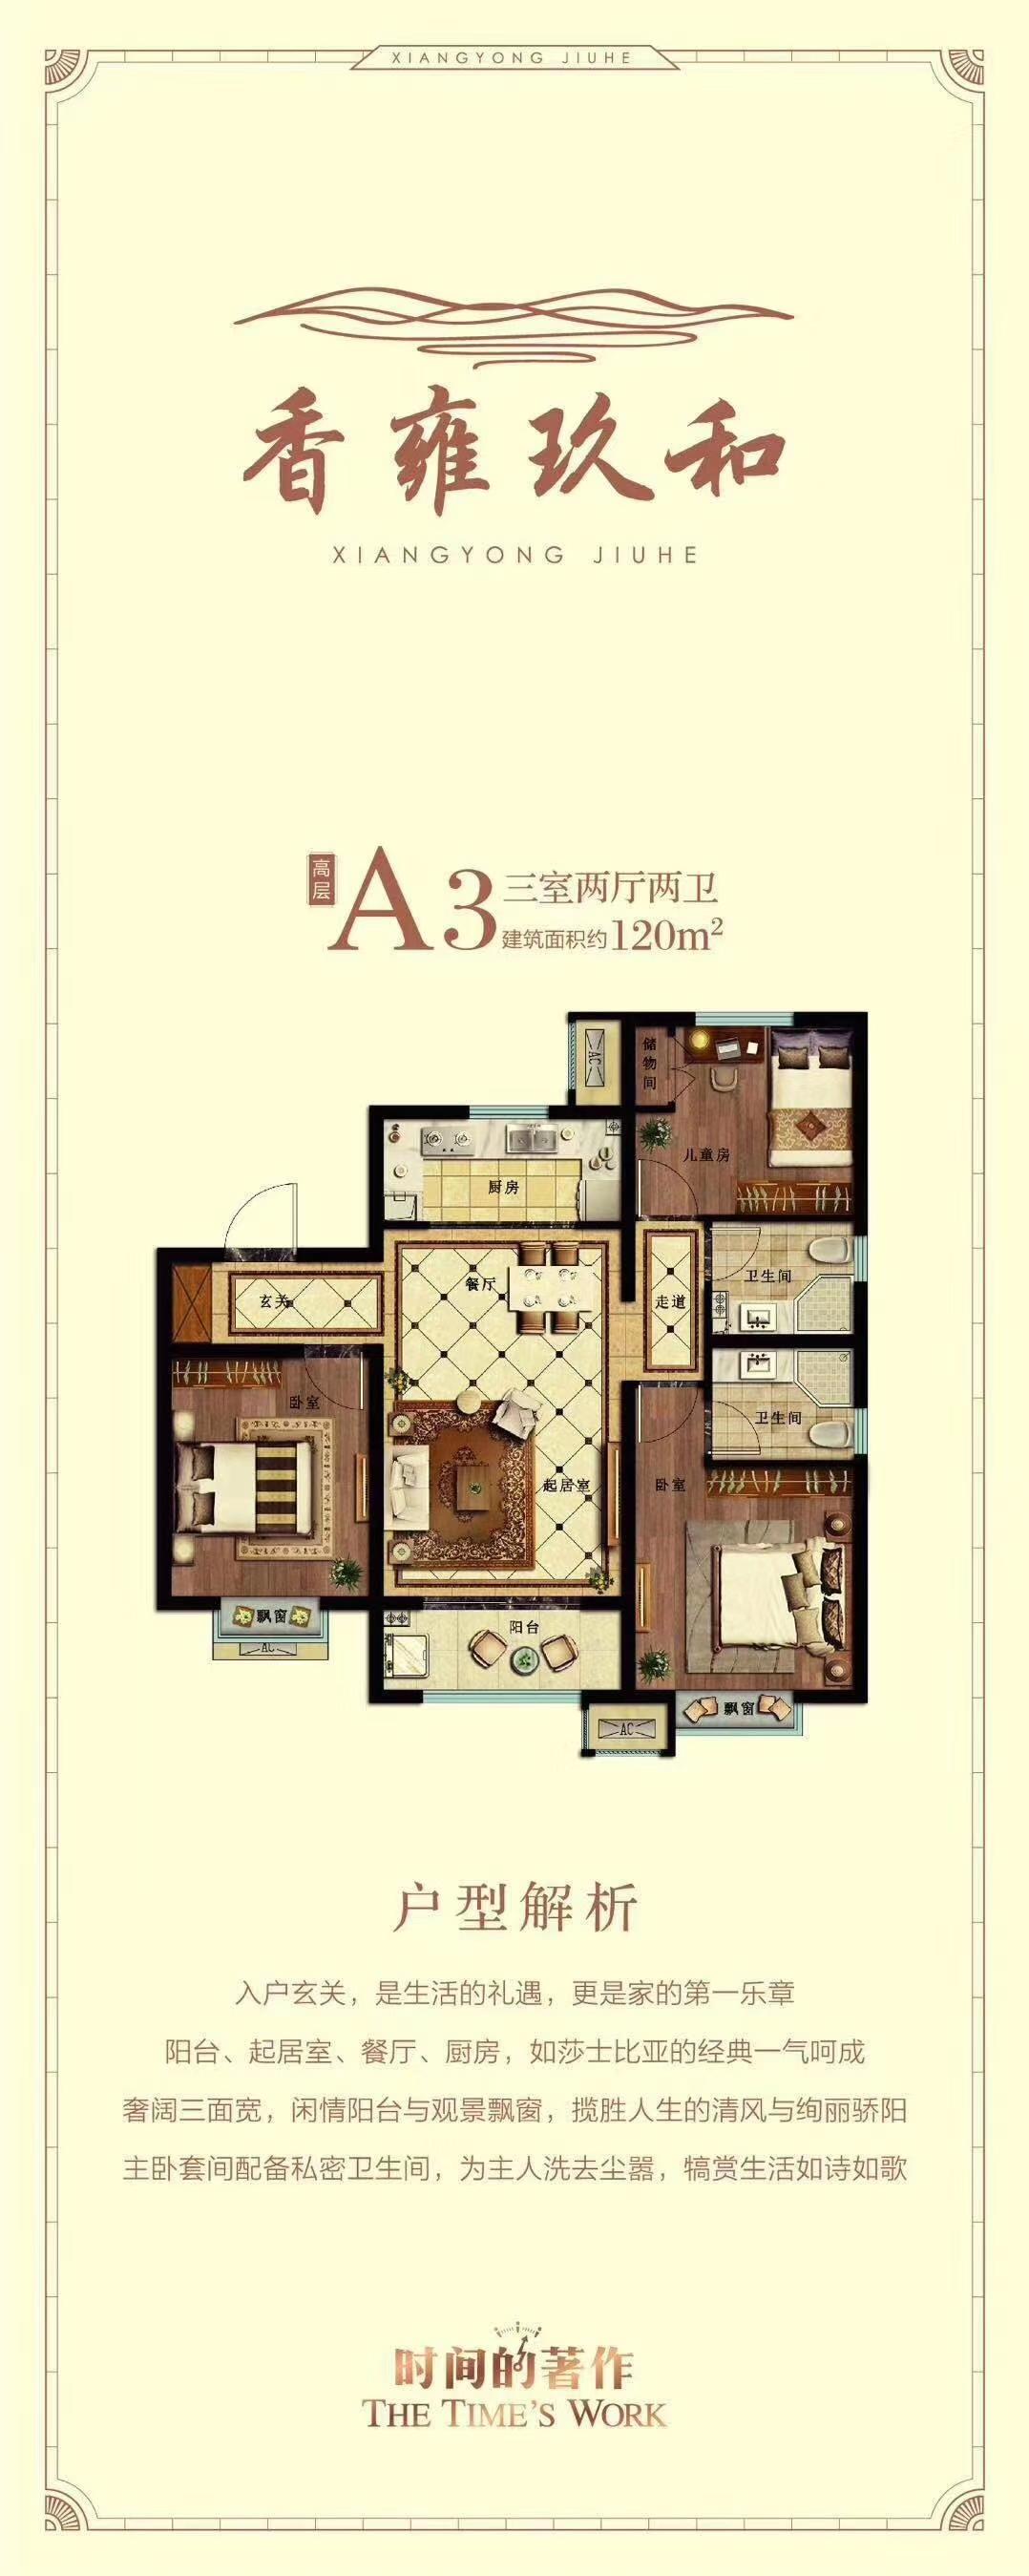 A3户型 120平米 三室两厅两卫